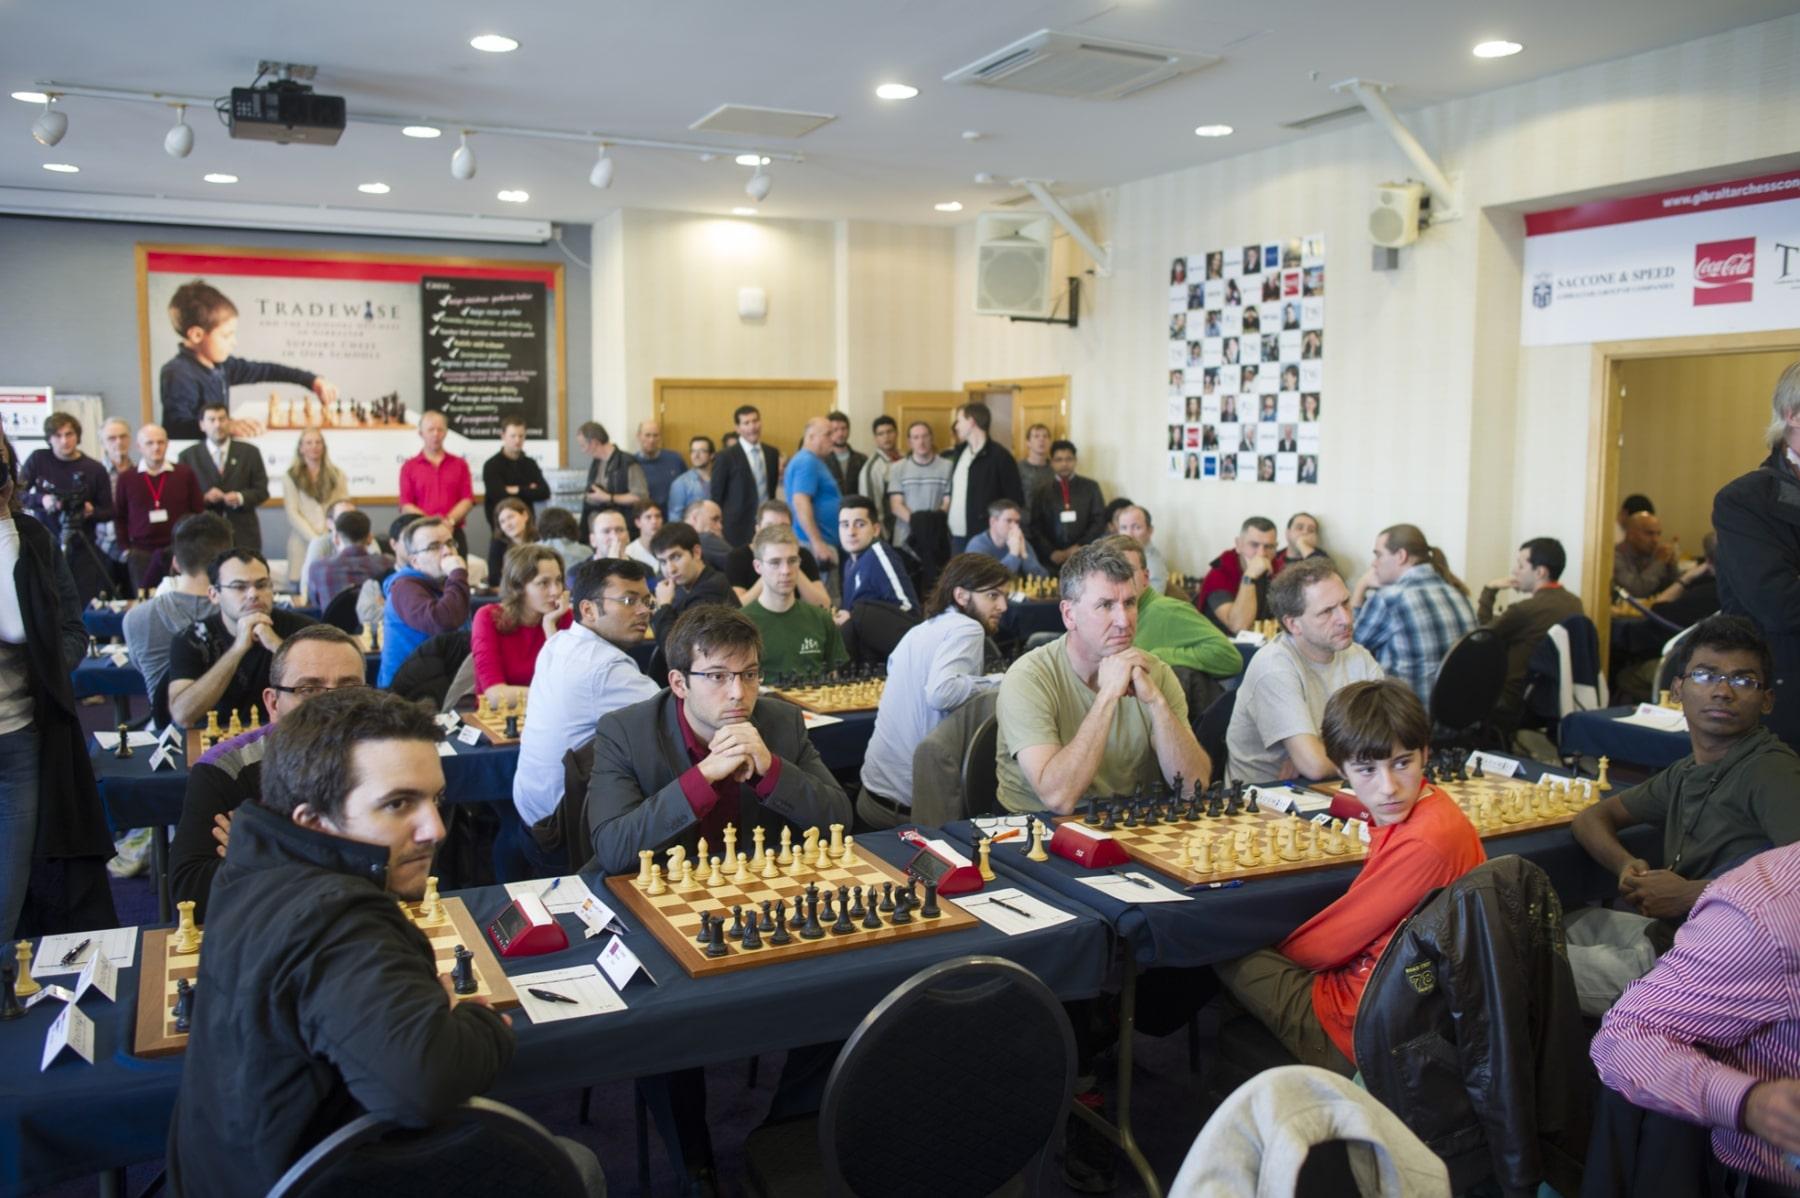 open-tradewise-de-ajedrez-de-gibraltar_16360707986_o